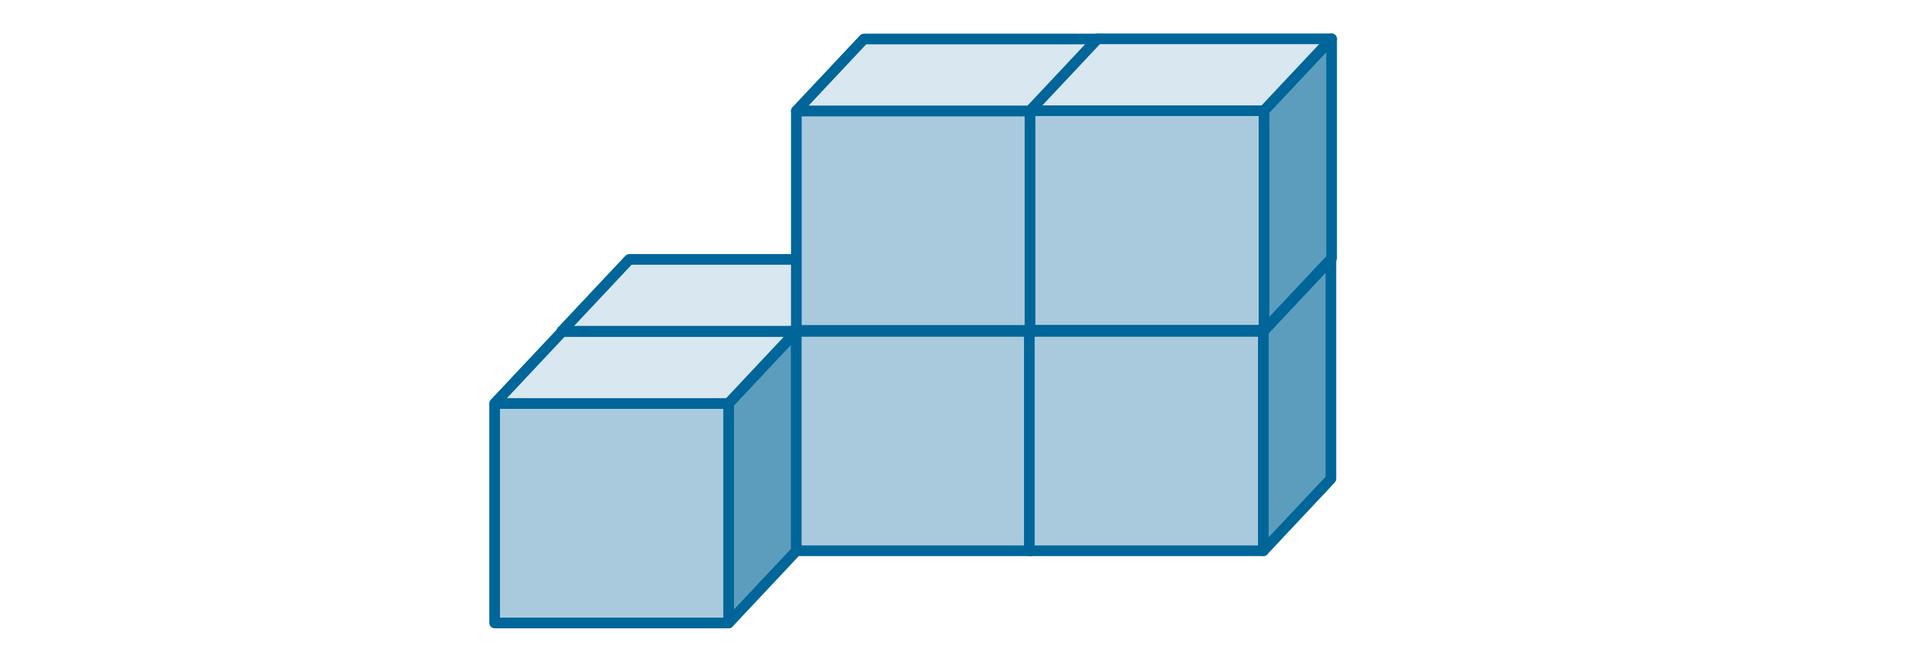 Rysunek bryły złożonej zsześciu jednakowych sześcianów.